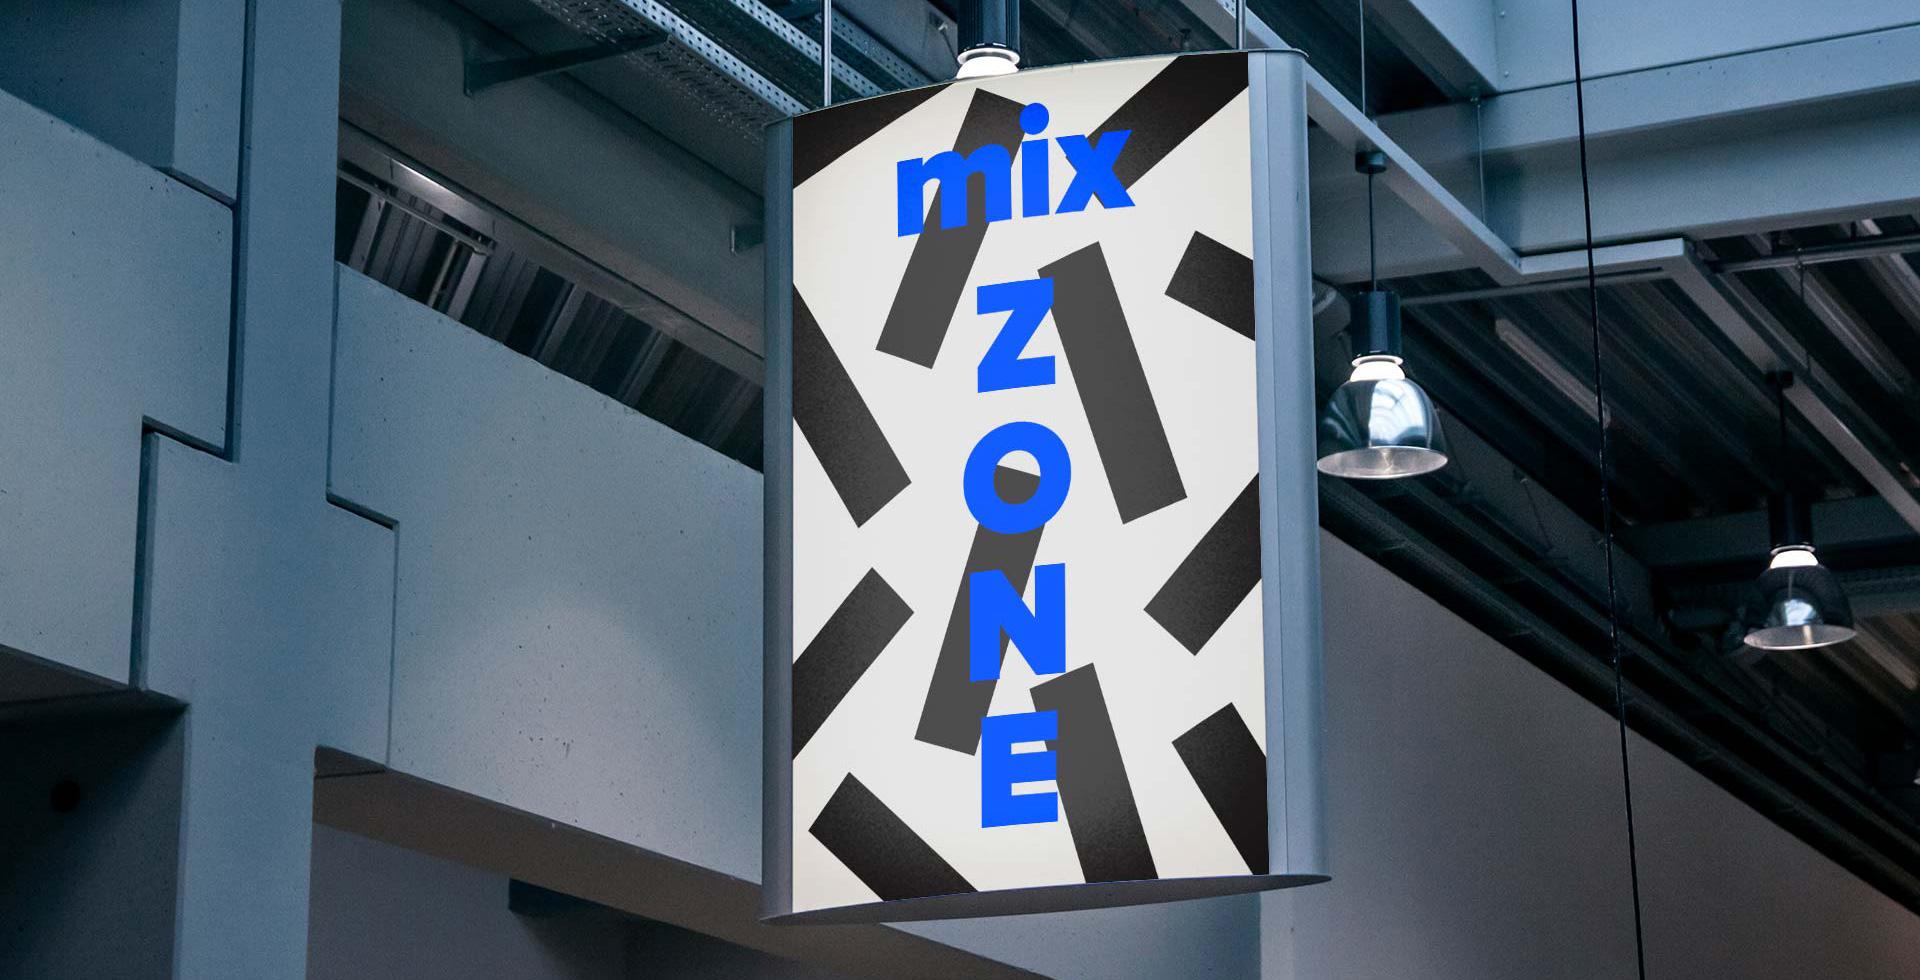 deej's mix zone